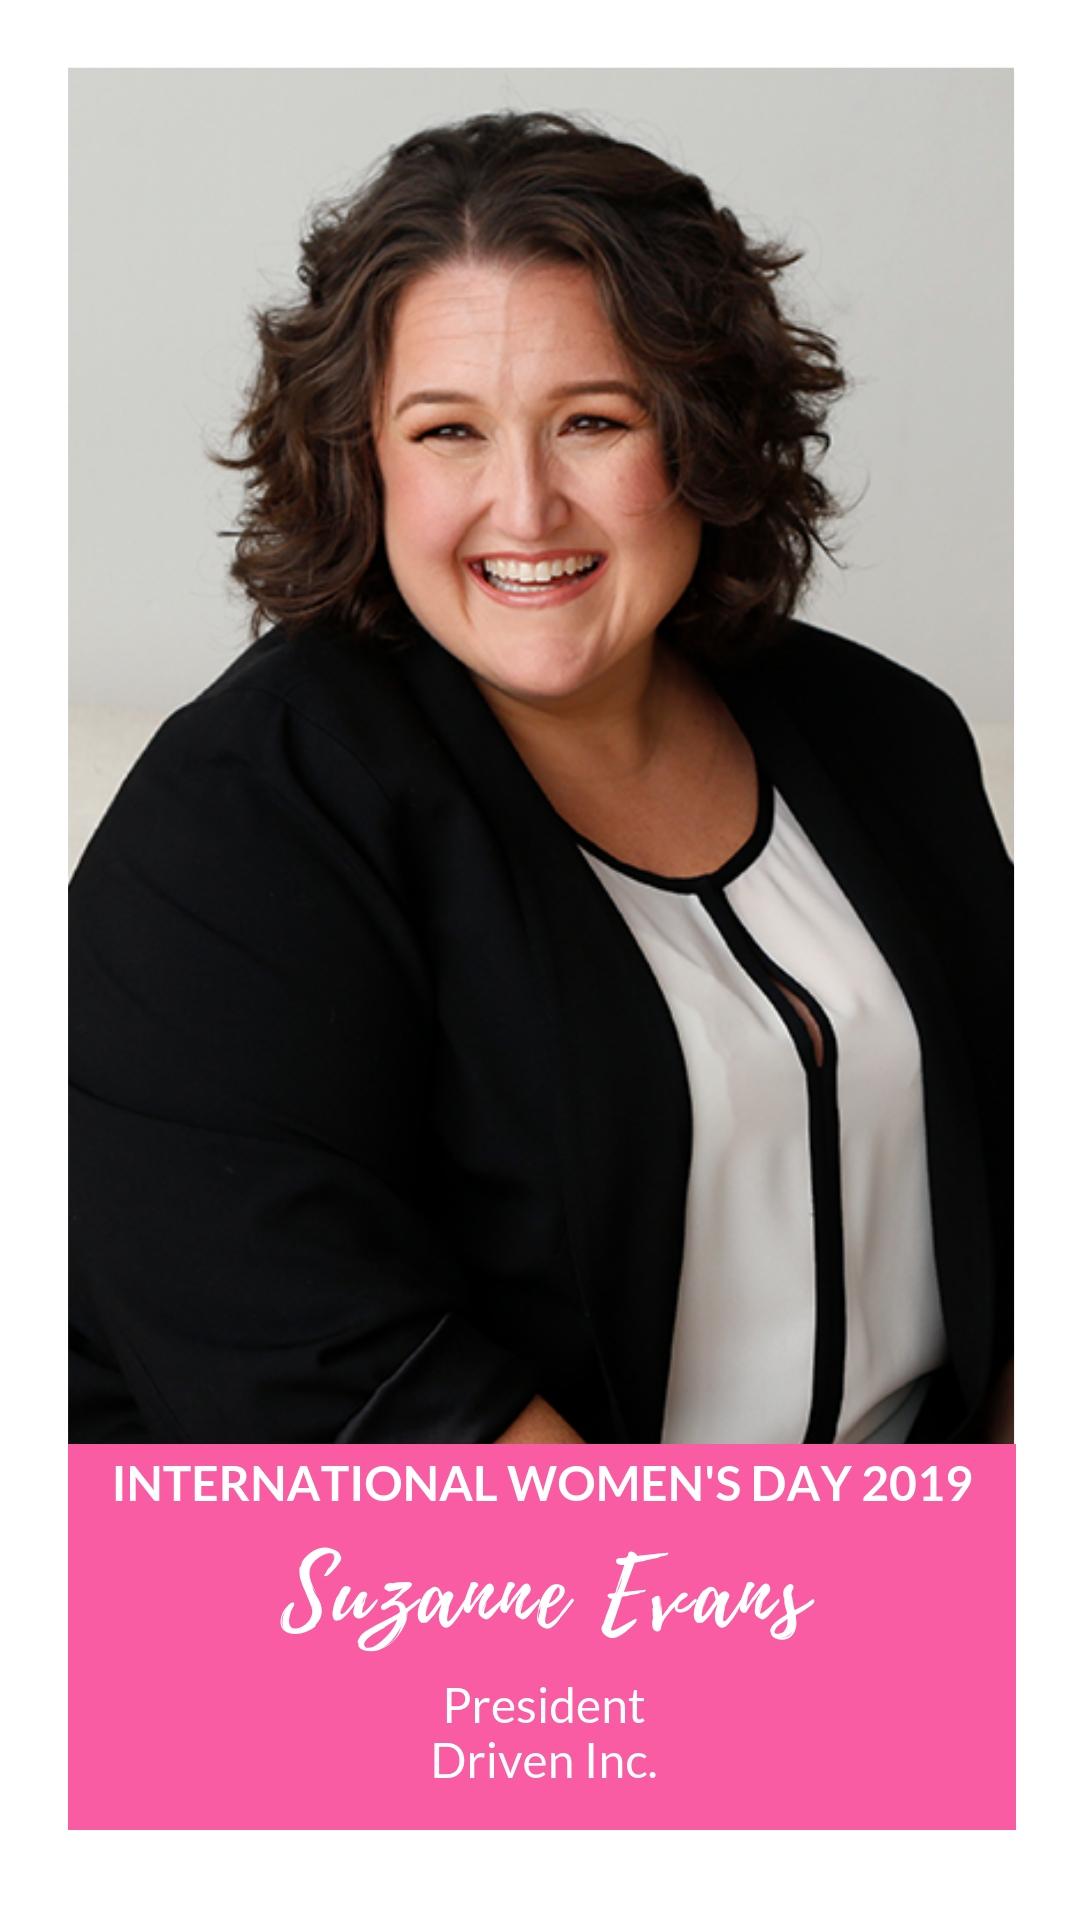 International Women's Day - Suzanne Evans